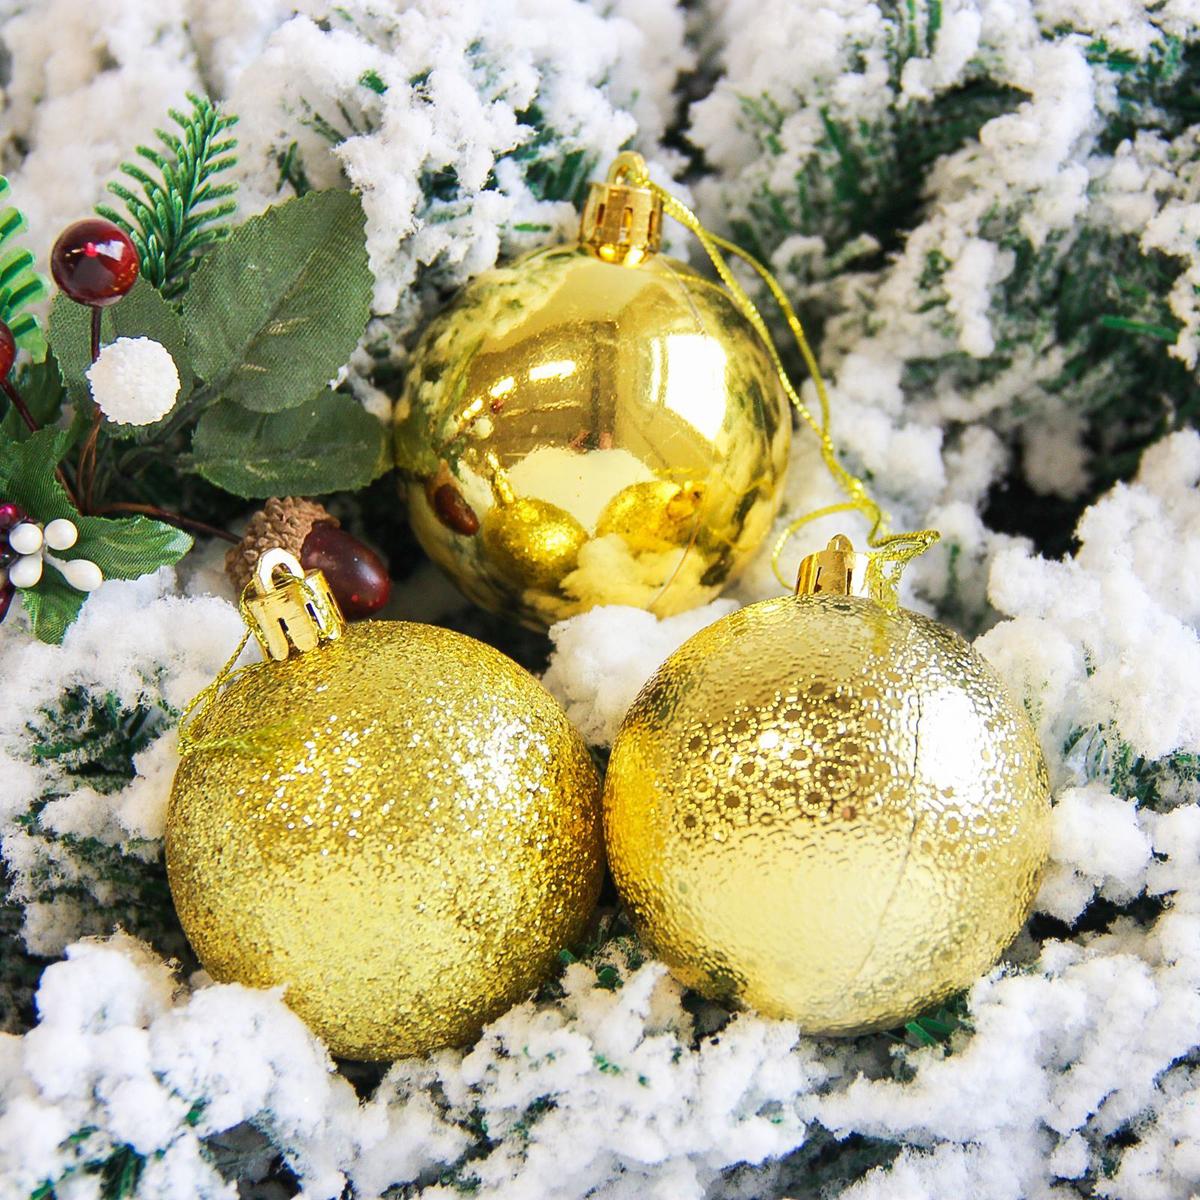 Набор новогодних подвесных украшений Sima-land Анданте, цвет: золотистый, диаметр 6 см, 6 шт2178235Невозможно представить нашу жизнь без праздников! Мы всегда ждём их и предвкушаем, обдумываем, как проведём памятный день, тщательно выбираем подарки и аксессуары, ведь именно они создают и поддерживают торжественный настрой.